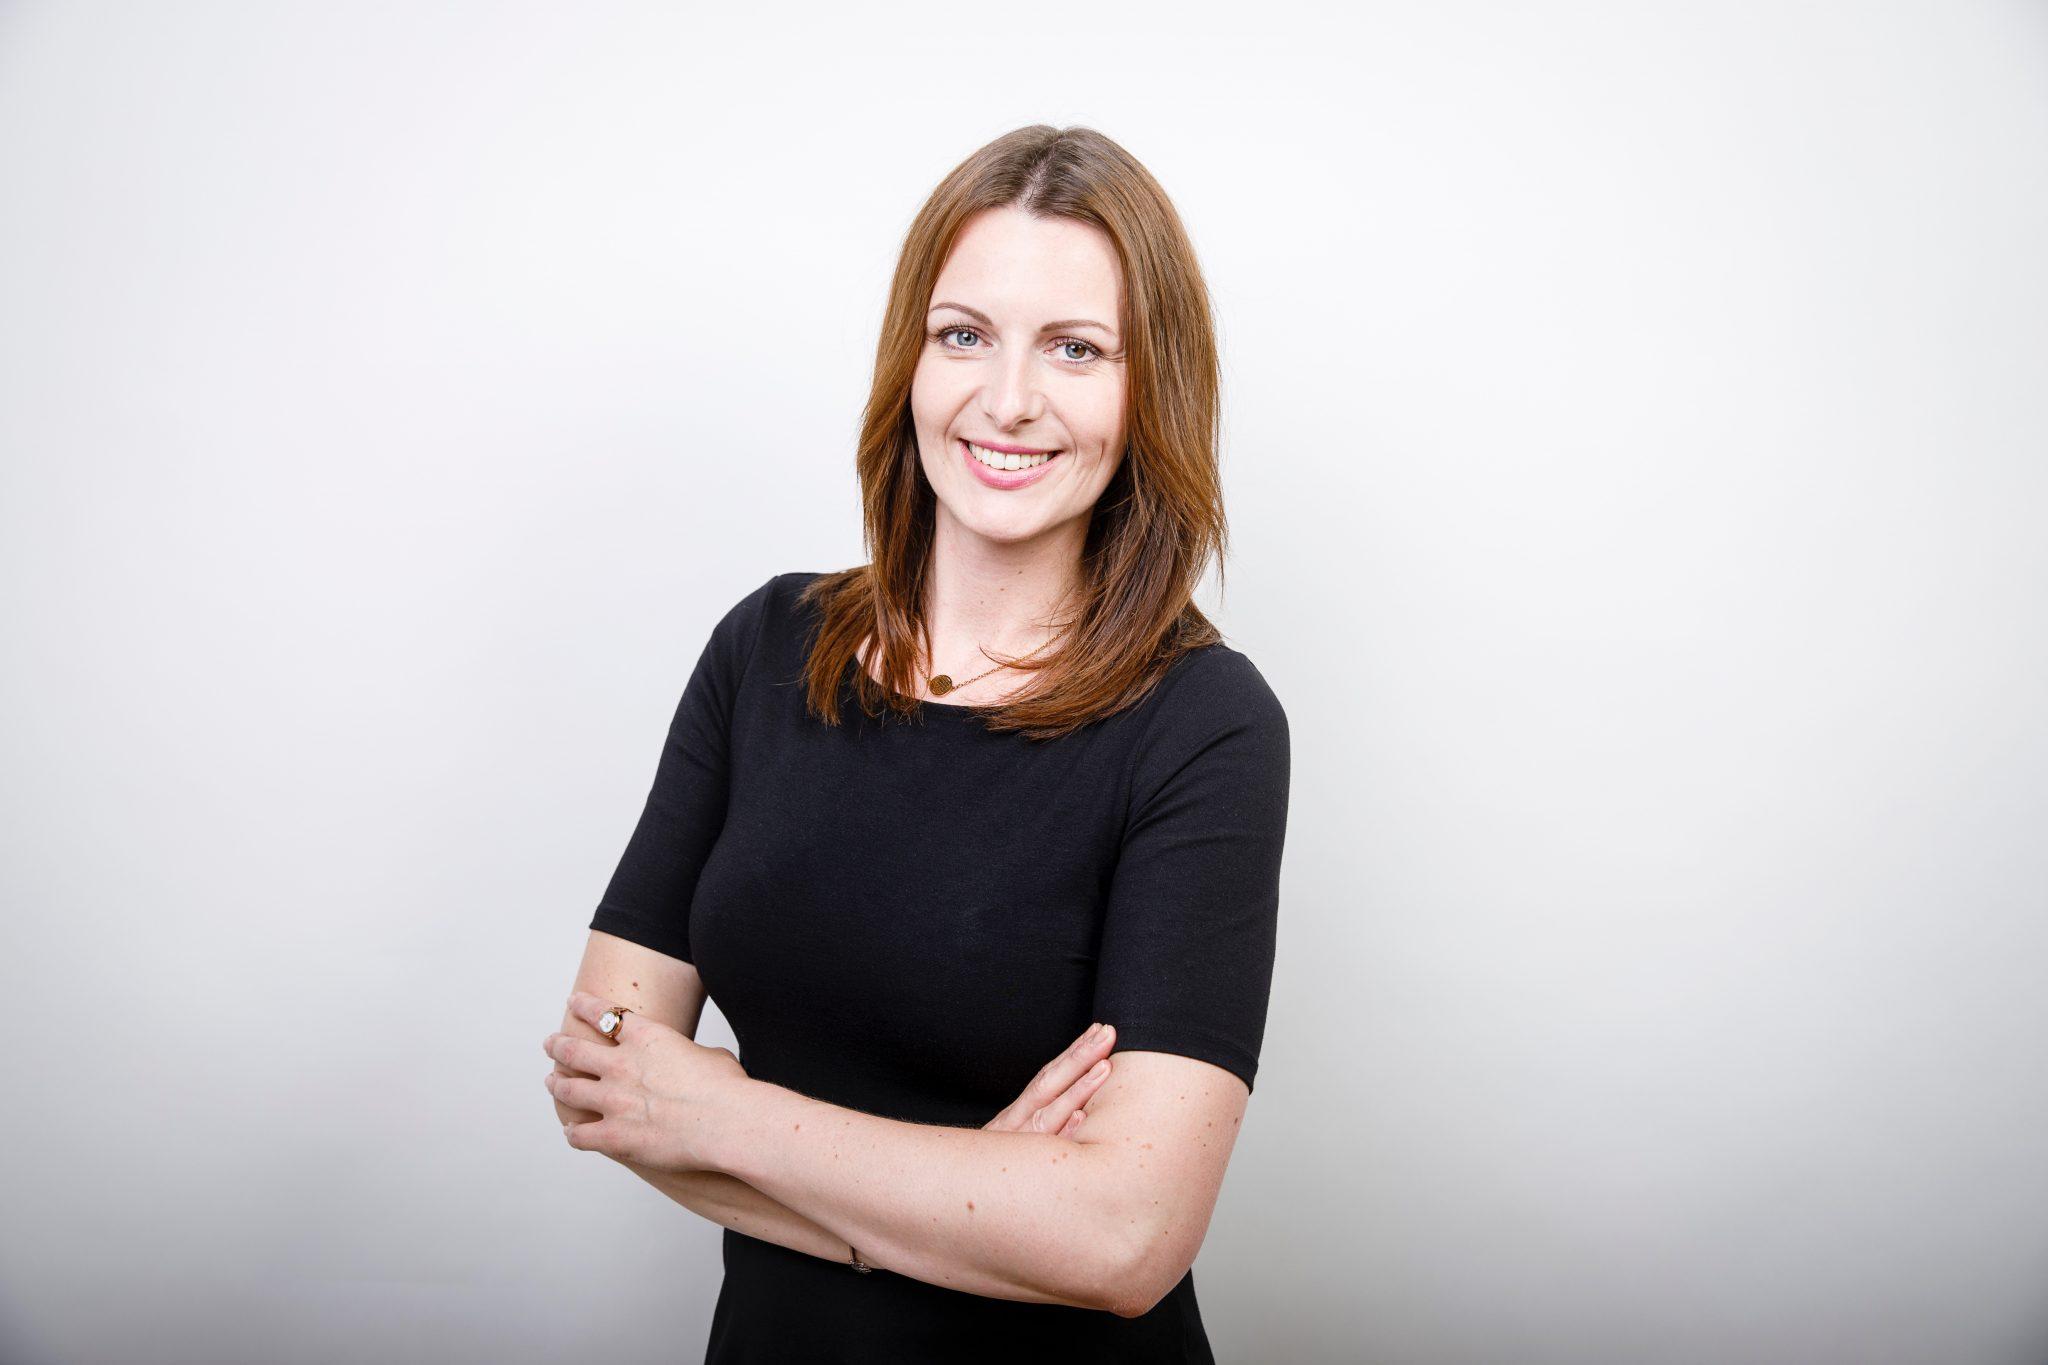 Interview NICOLE SCHLAFFER – DIE BURGENLÄNDERIN  #wirhaltenzusammen #gemeinsamsindwirstark